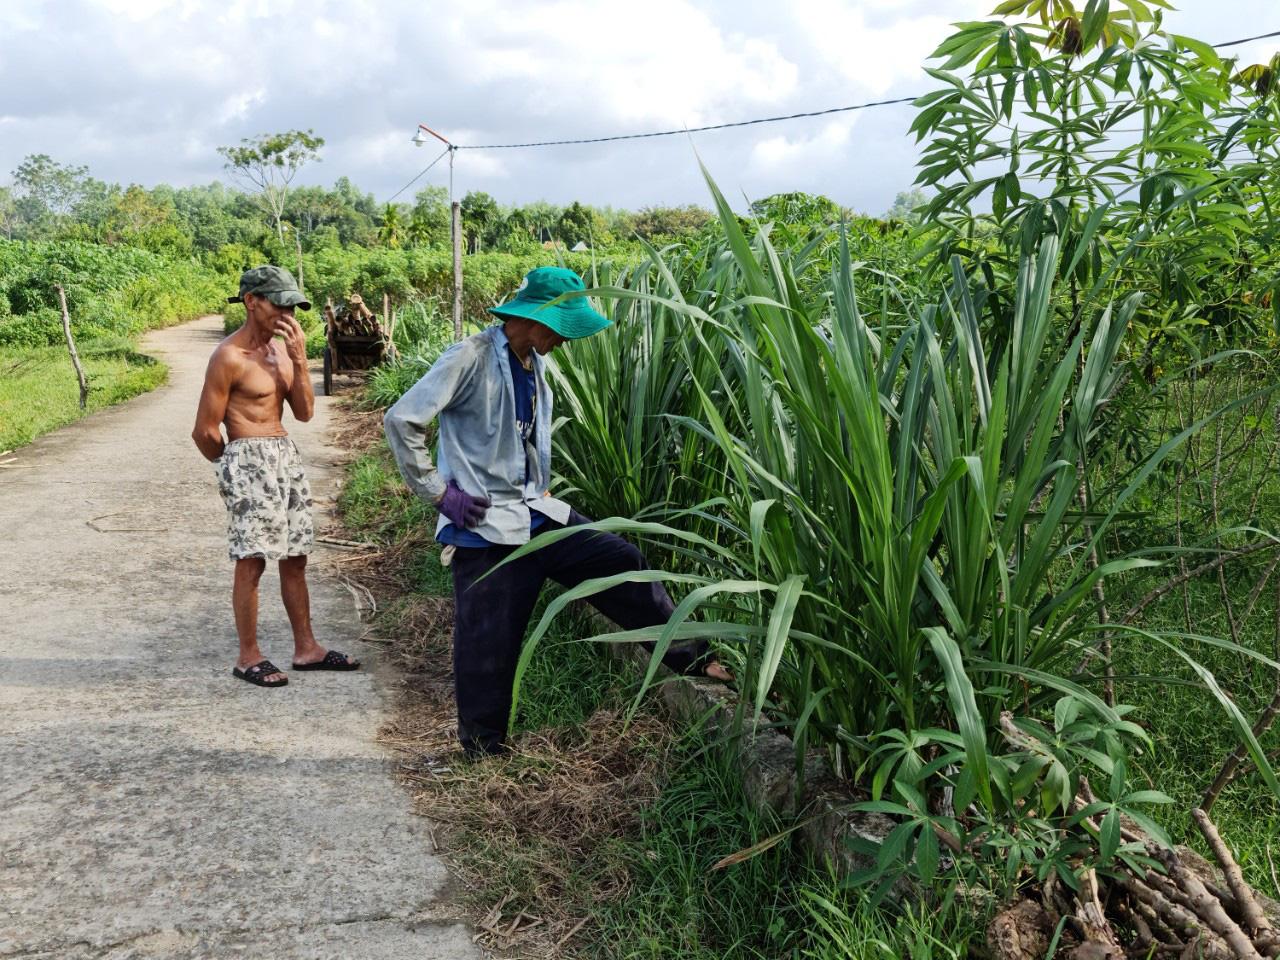 Quảng Nam: Kênh thủy lợi hàng trăm triệu đồng chỉ để chứa rác, trồng cỏ cho bò - Ảnh 5.